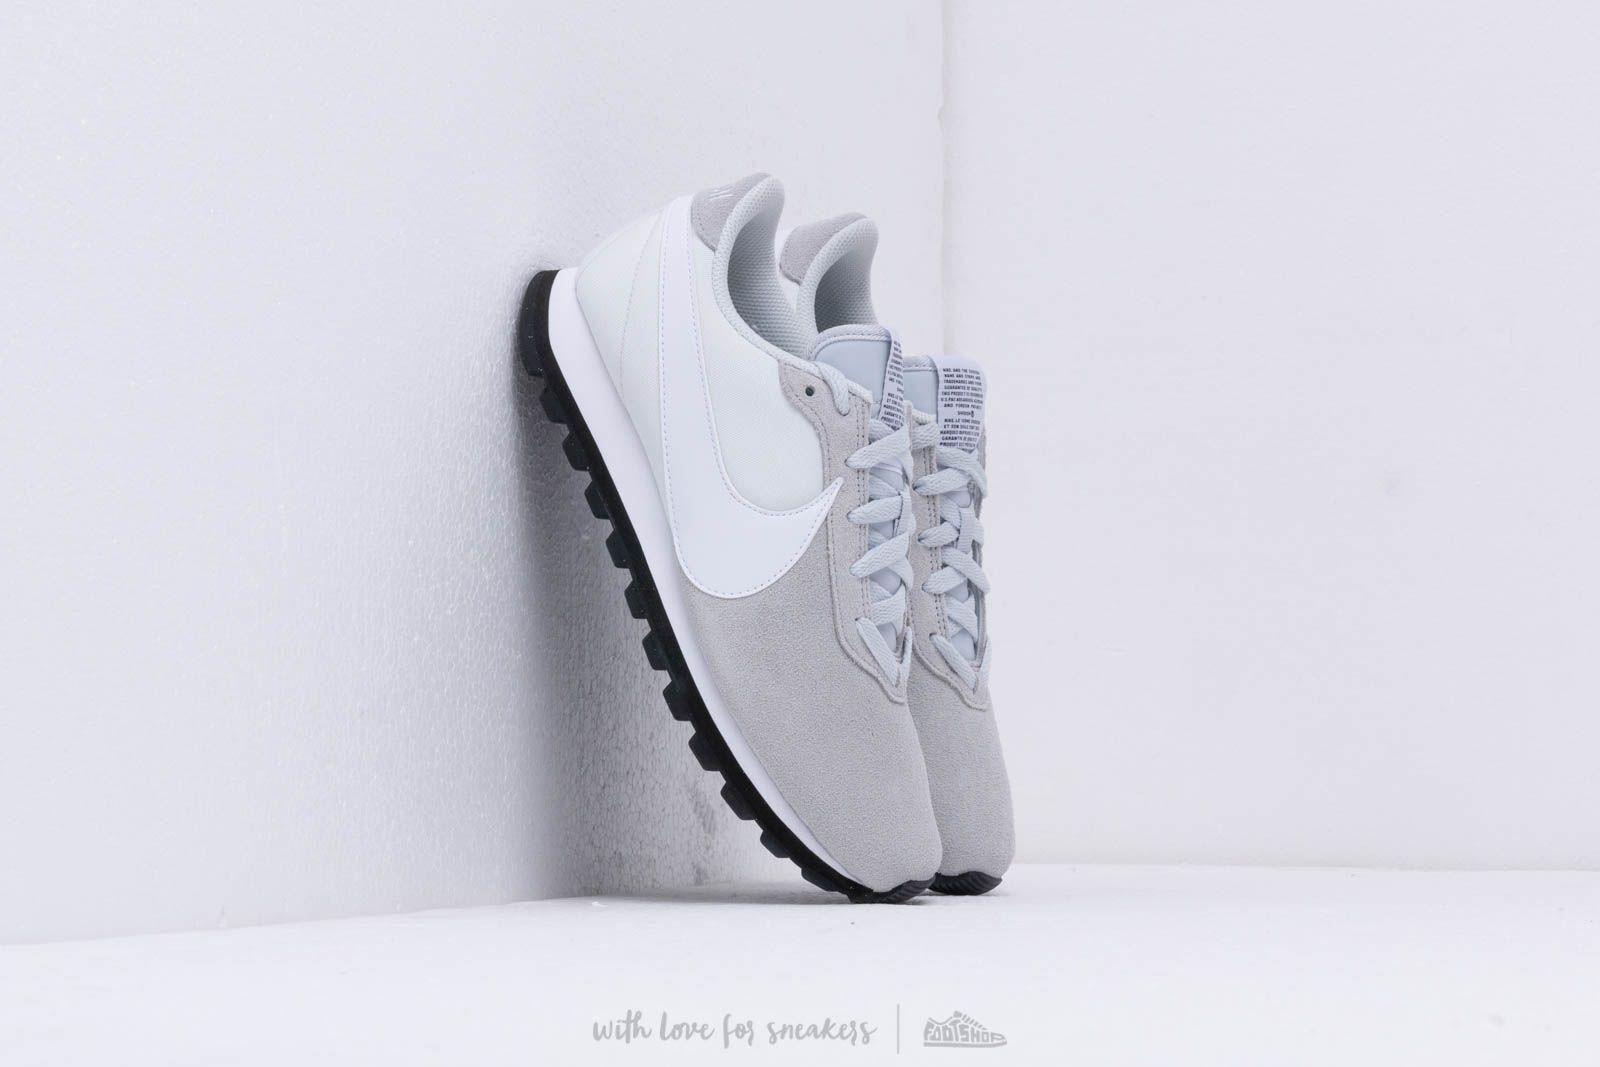 Nike W Pre-Love O.X. Pure Platinum/ White-Platinum Tint-Black za skvelú cenu 81 € kúpite na Footshop.sk